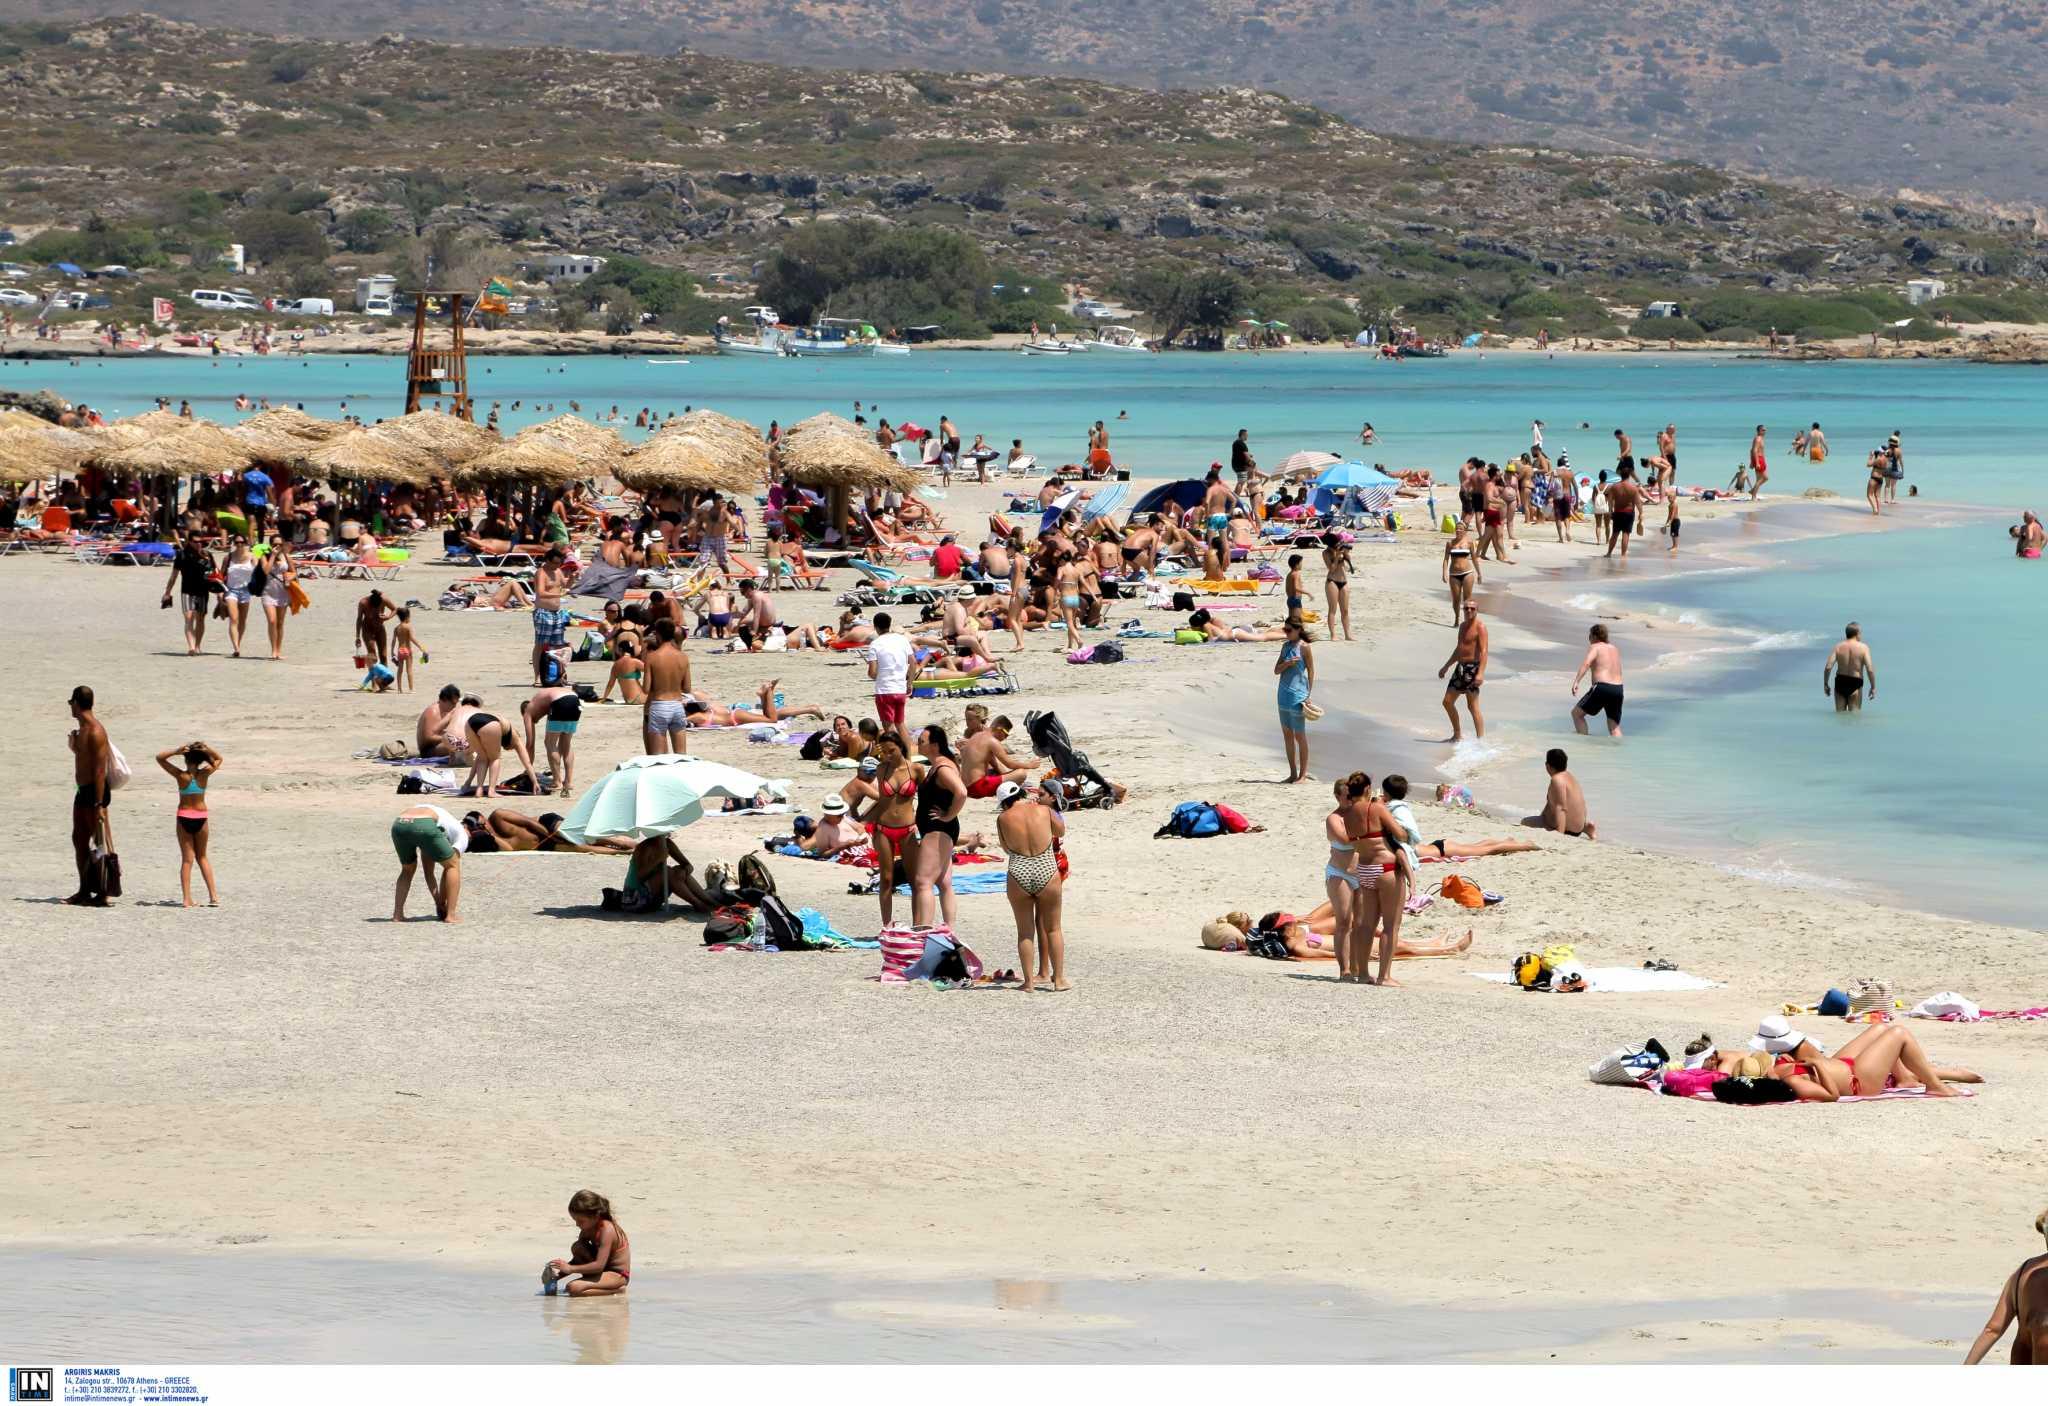 Γερμανία: «Επικίνδυνος προορισμός» ξανά η Ελλάδα